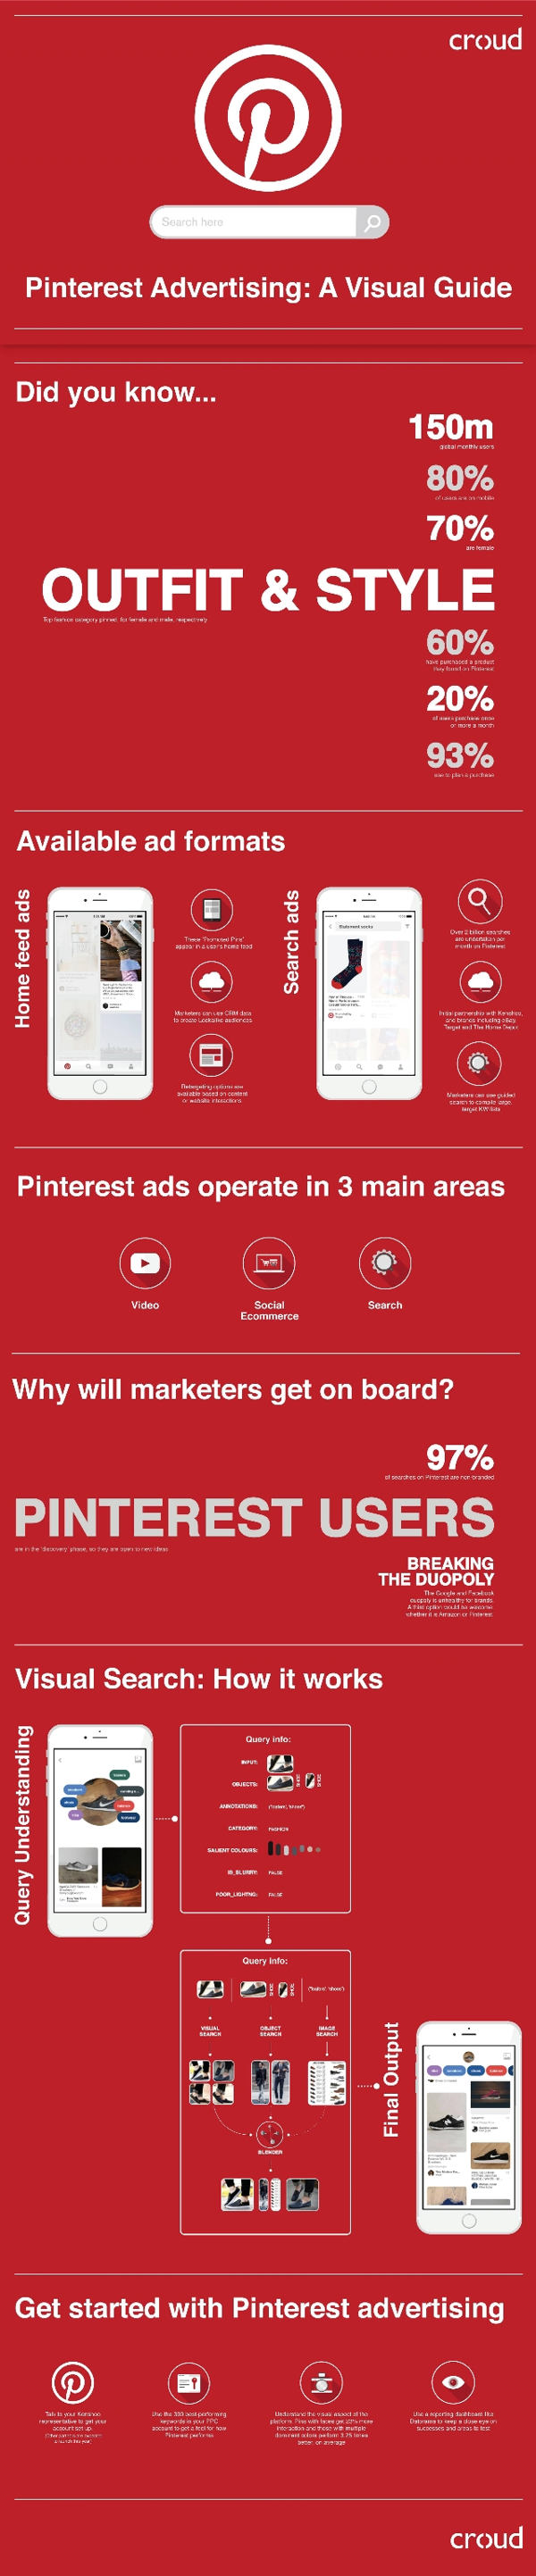 publicidad en pinterest infografia